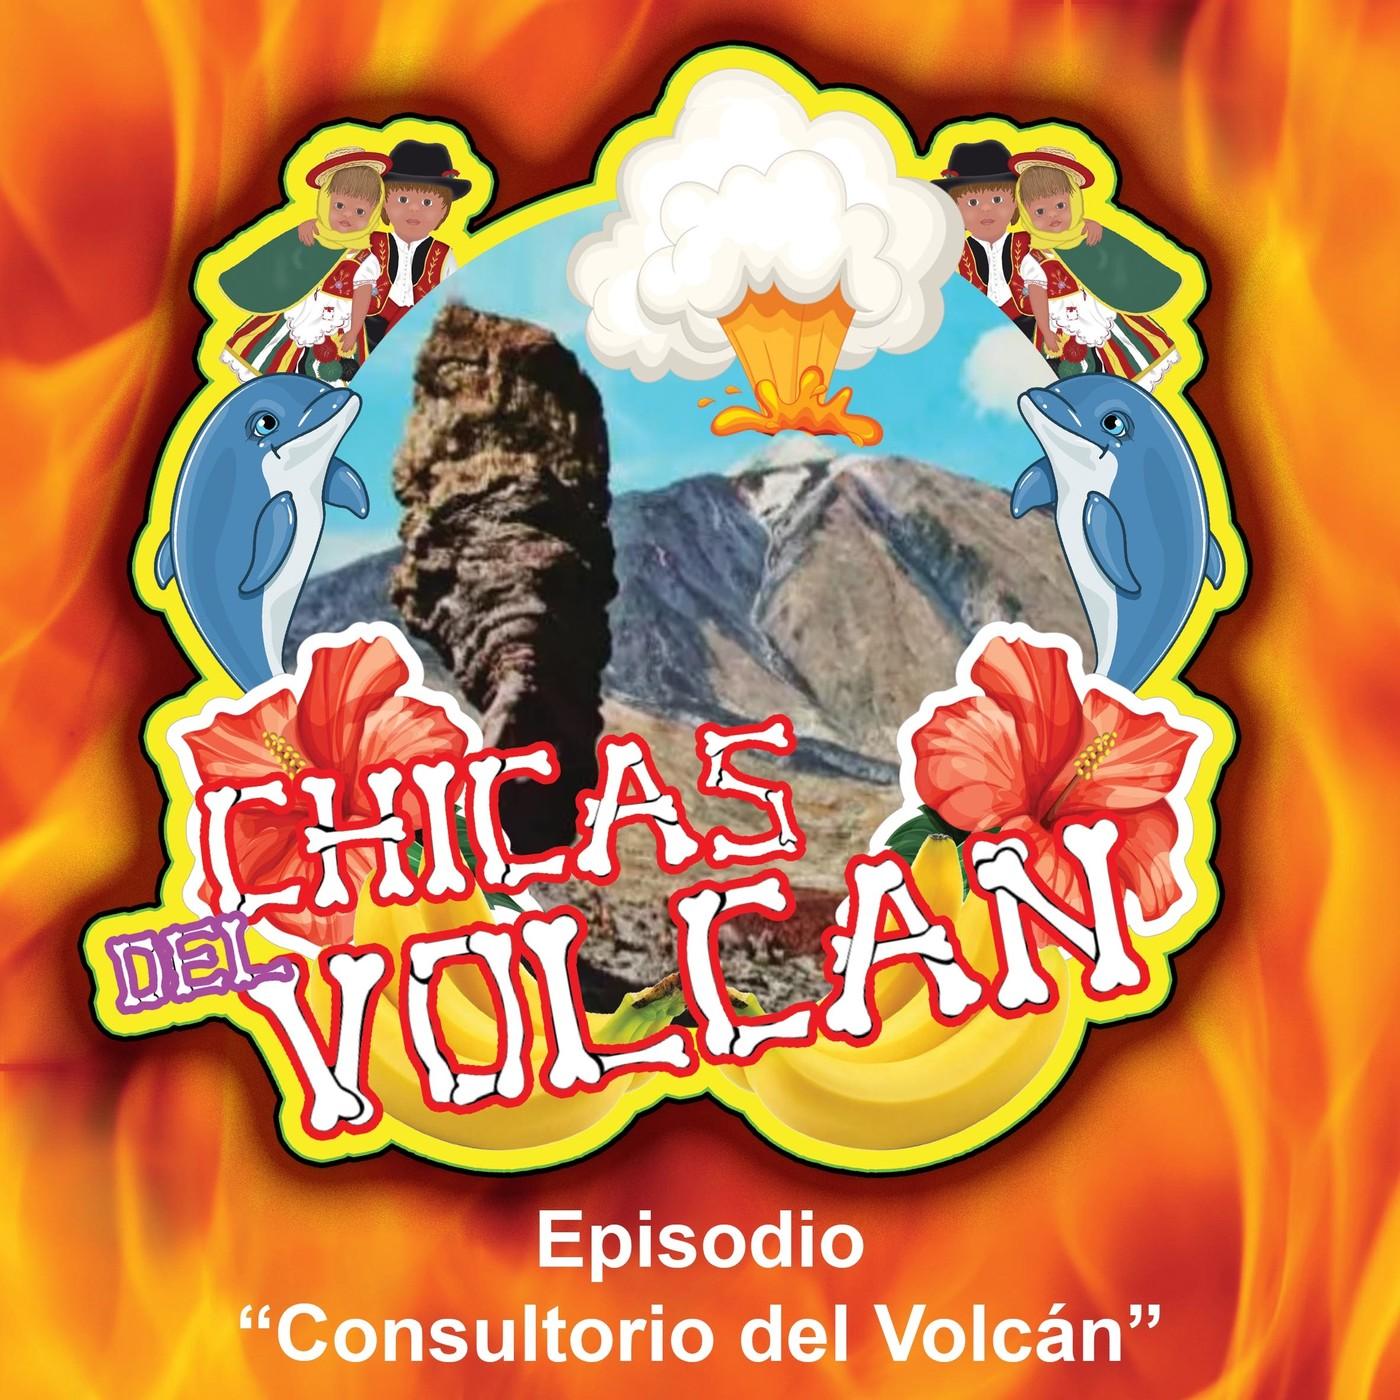 Consultorio del Volcán